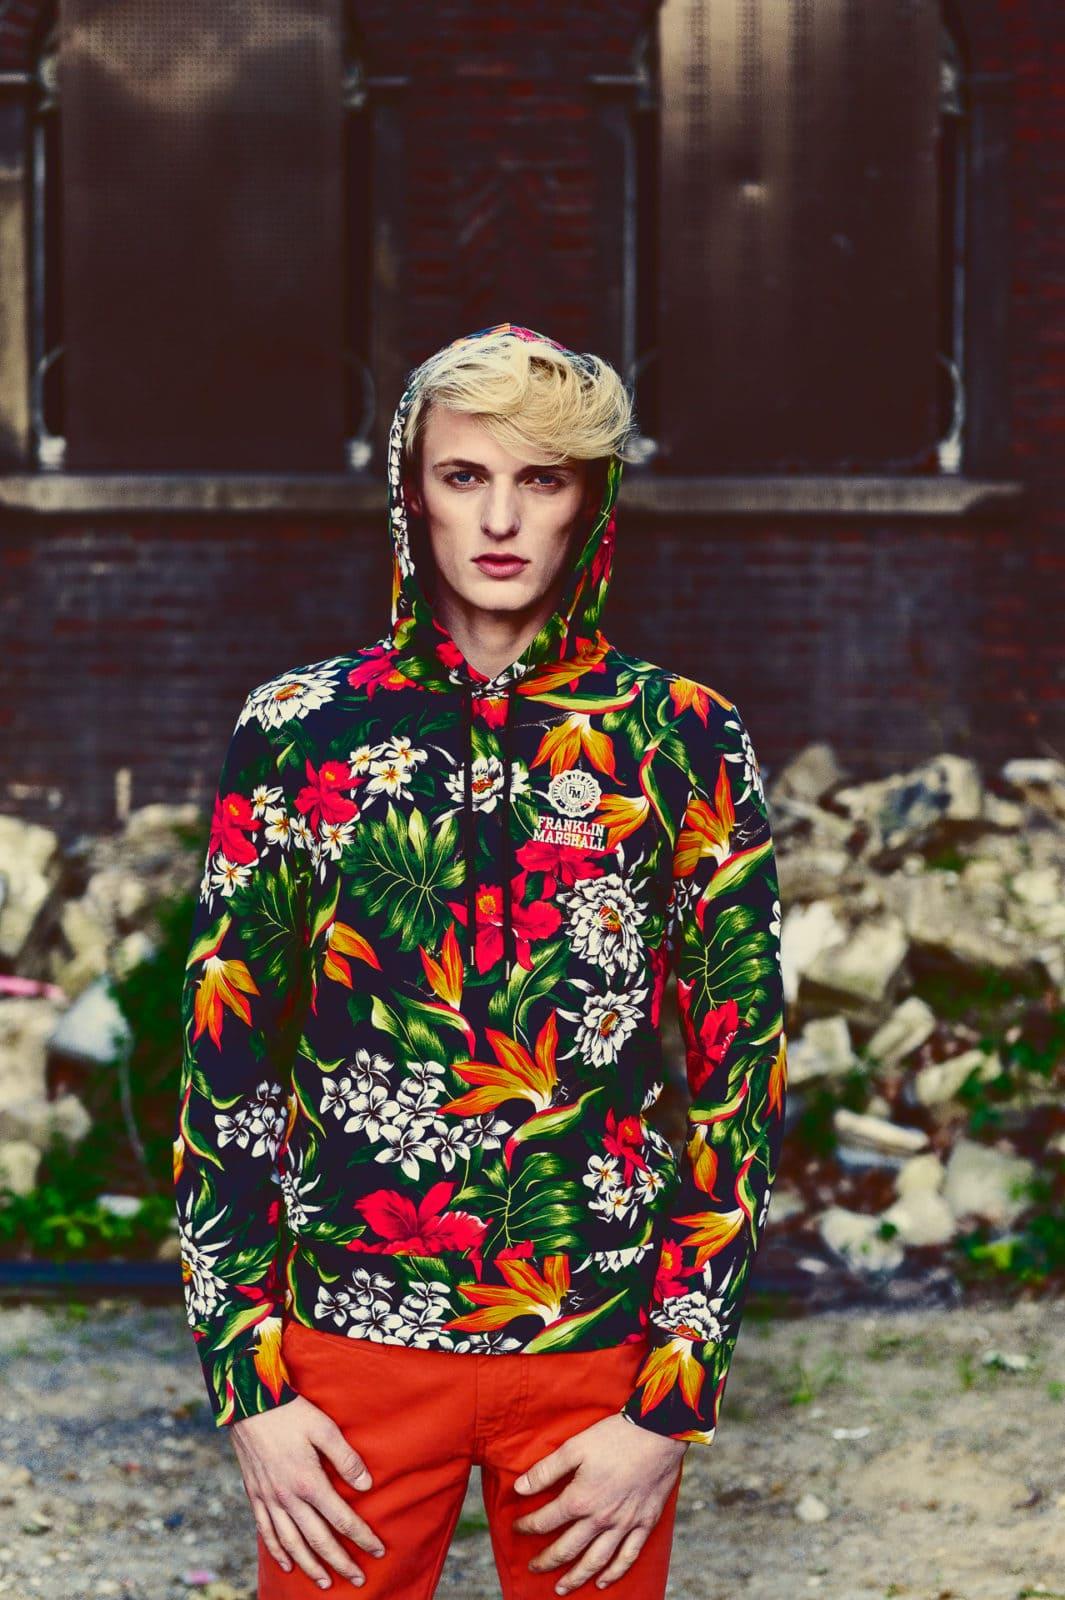 Fashioneditorial 'Fleurs' für das GUN Magazine, Markus Mielek, Fotograf Dortmund